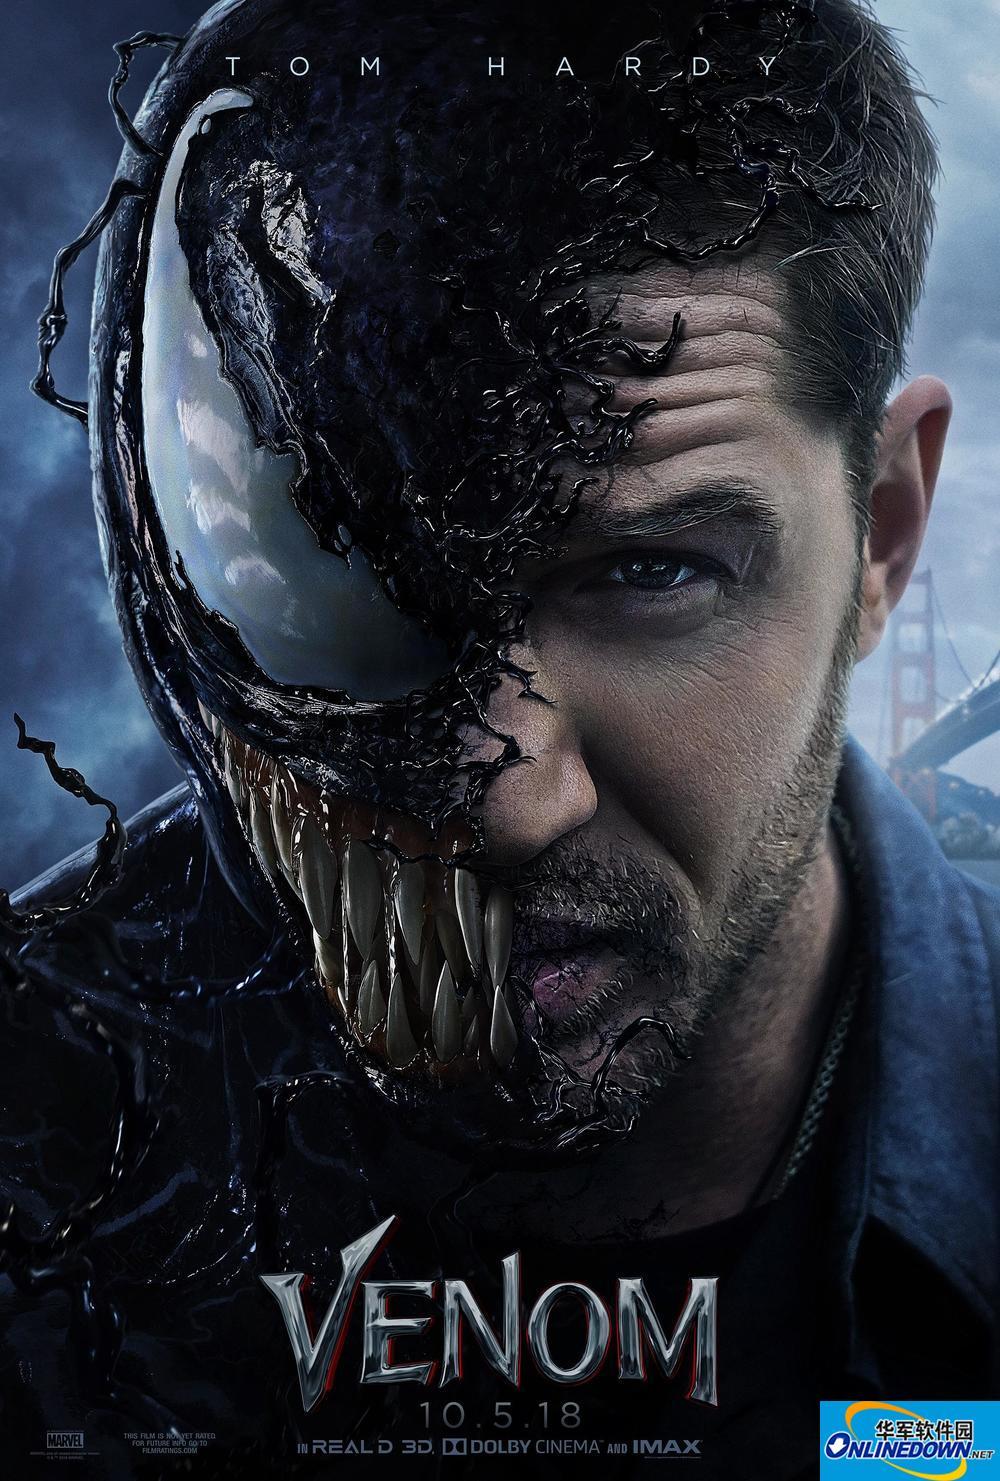 《毒液》预告播放量创新高 超所有蜘蛛侠系列电影